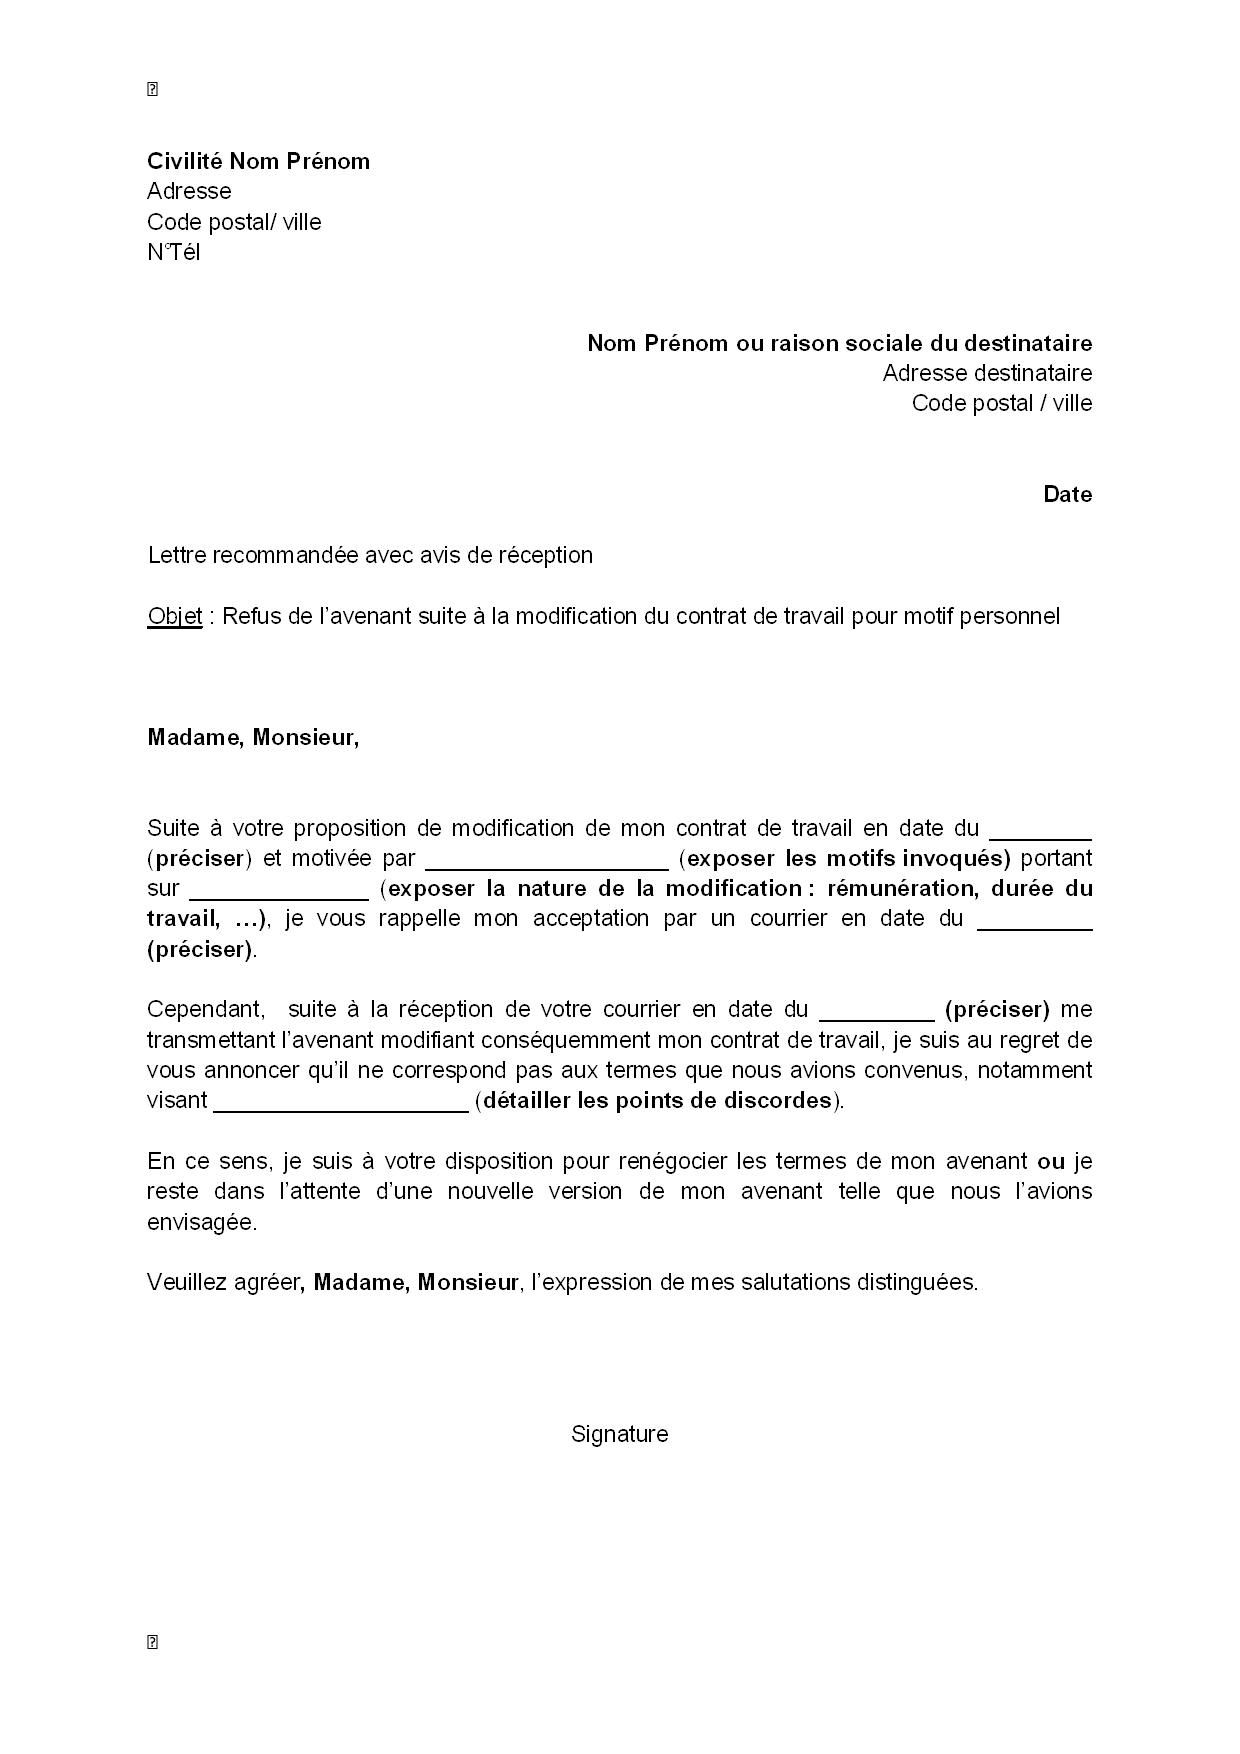 16 Lettre De Motivation Employeur Changement De Statut Letter Templates Letter Sample Lettering